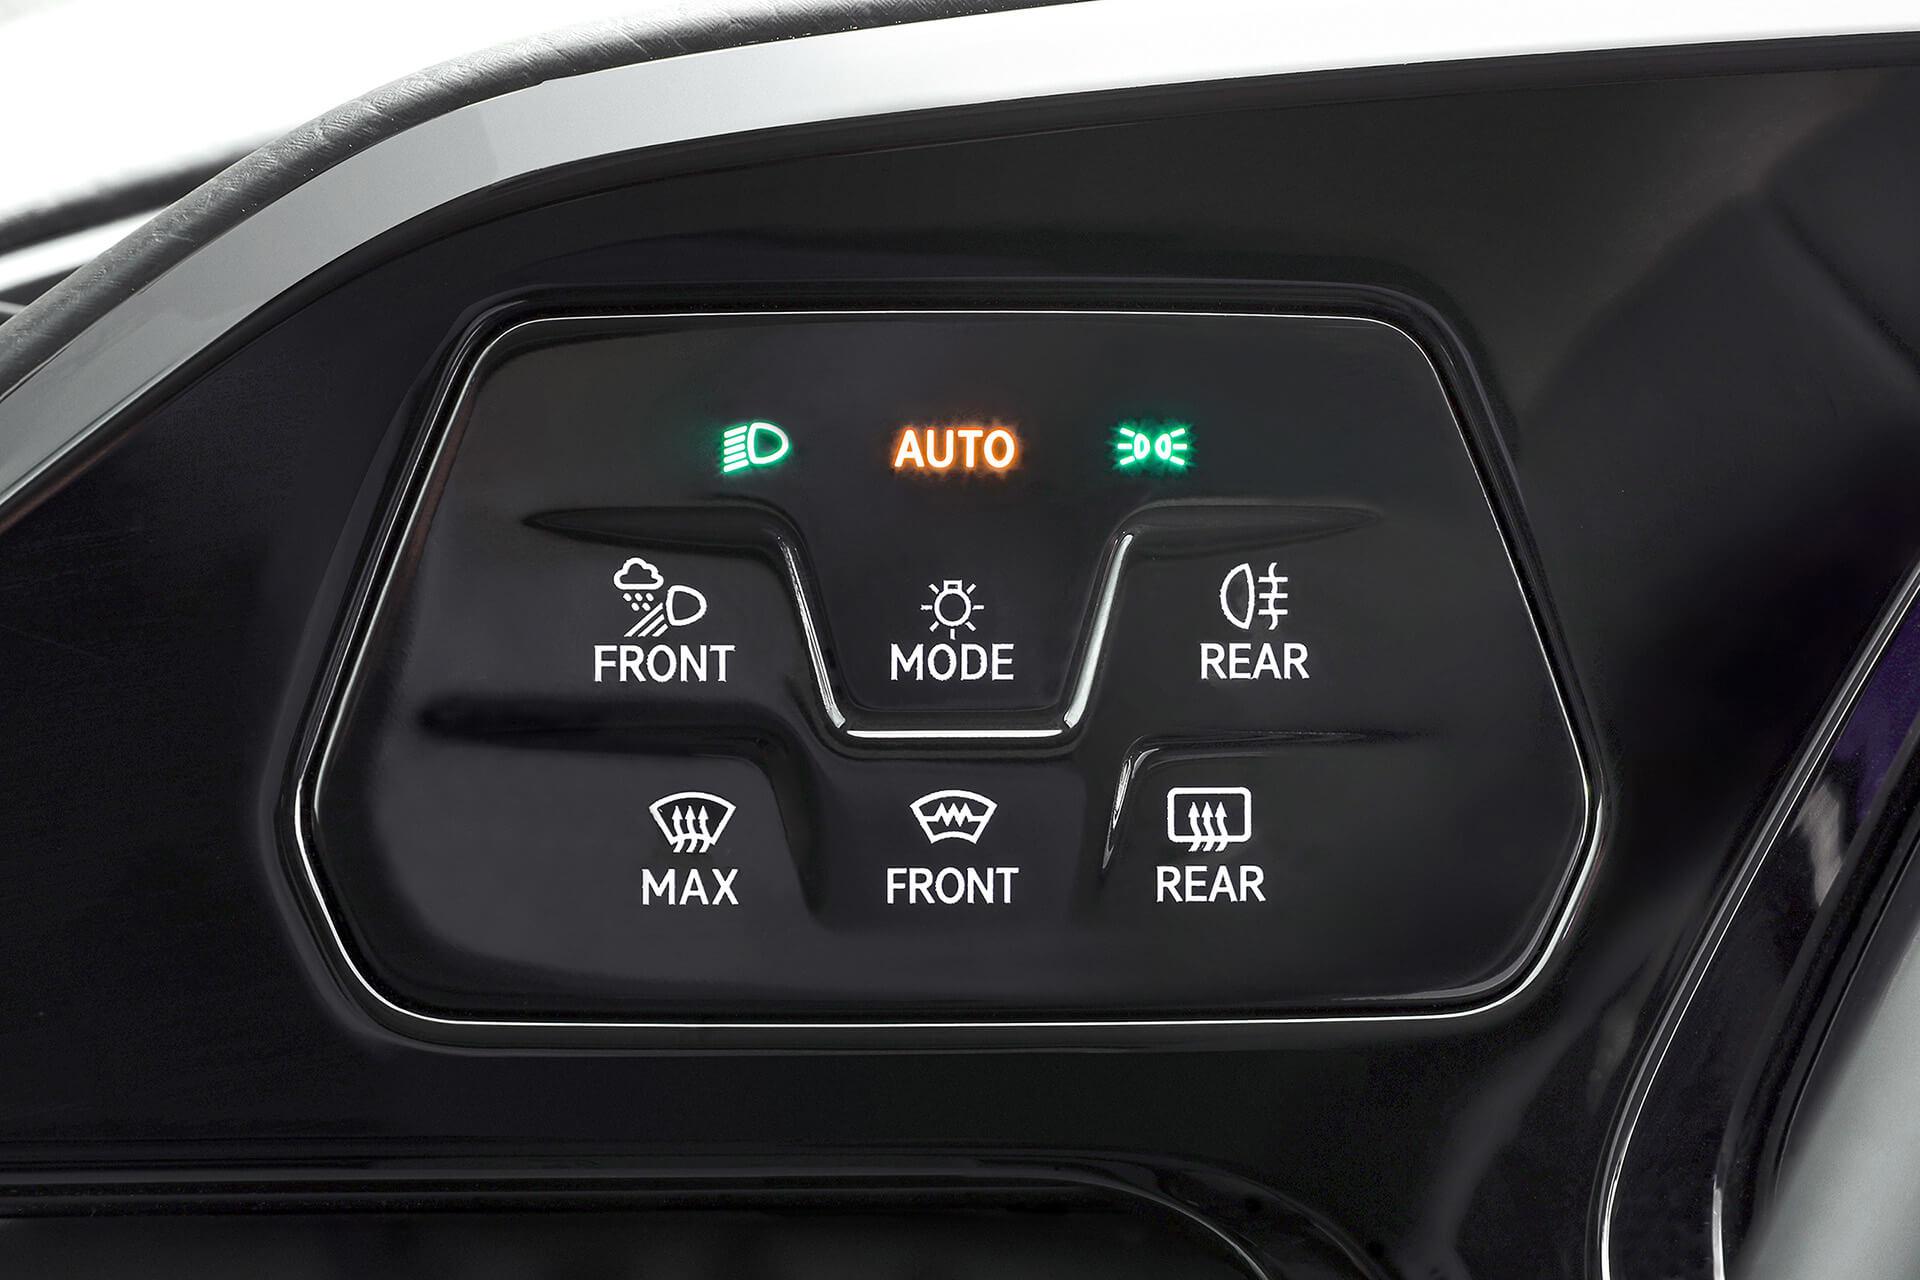 """Νέο Volkswagen Caddy - Ομάδα μπουτόν """"Light & Sight"""" για τα φώτα"""